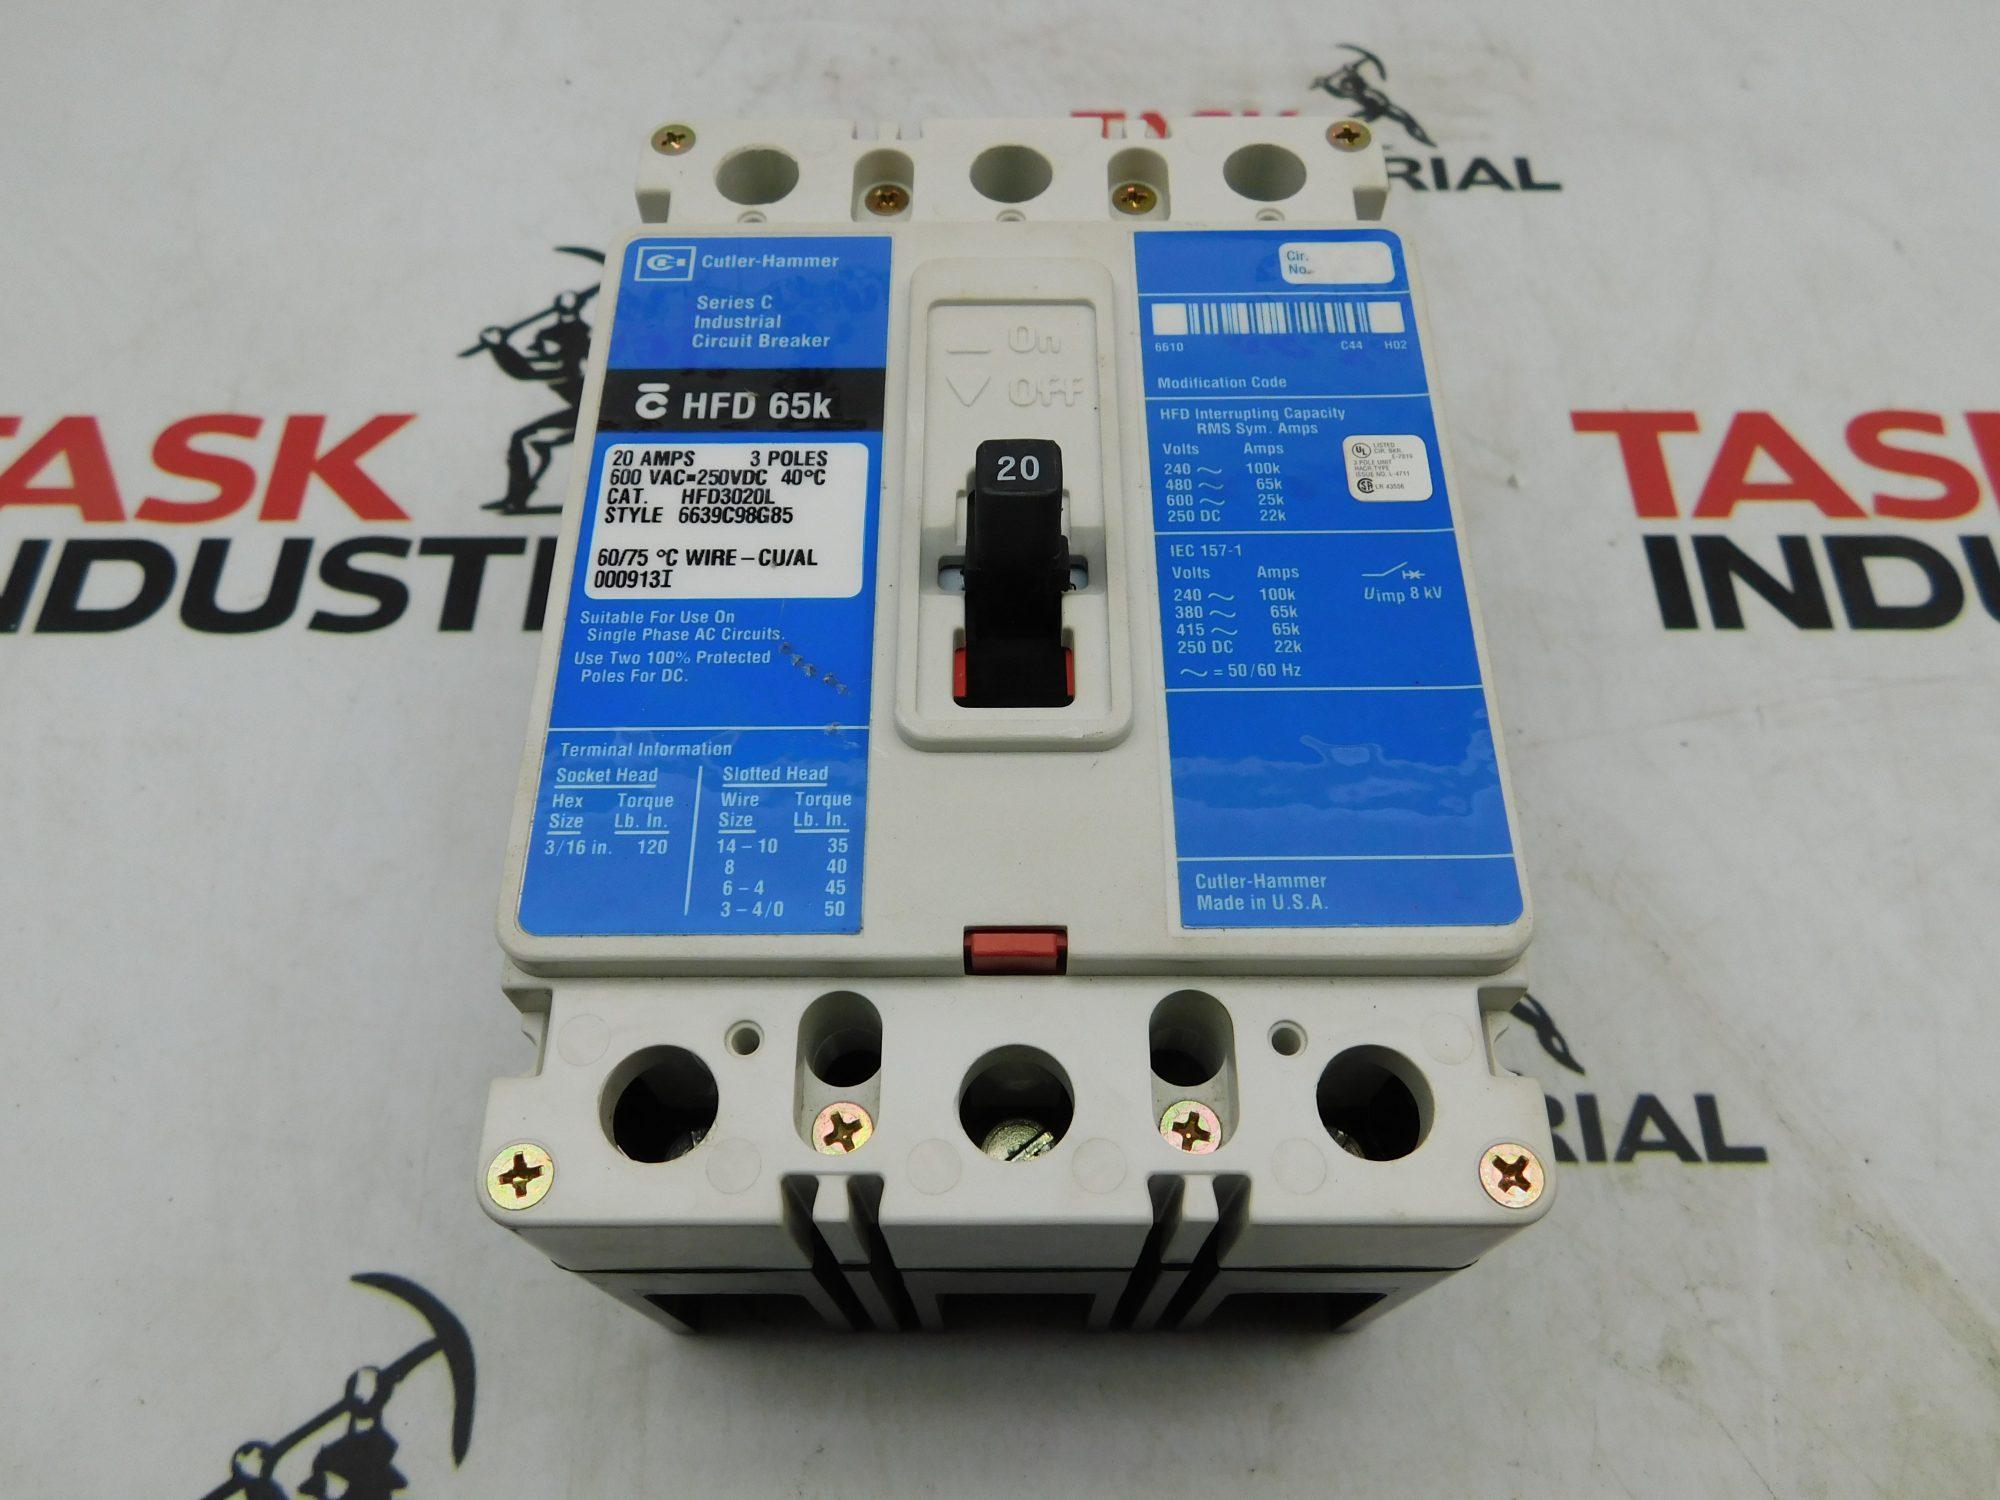 Cutler-Hammer CAT No. HFD3020L 20A 600VAC 250VDC 3 Pole Circuit Breaker